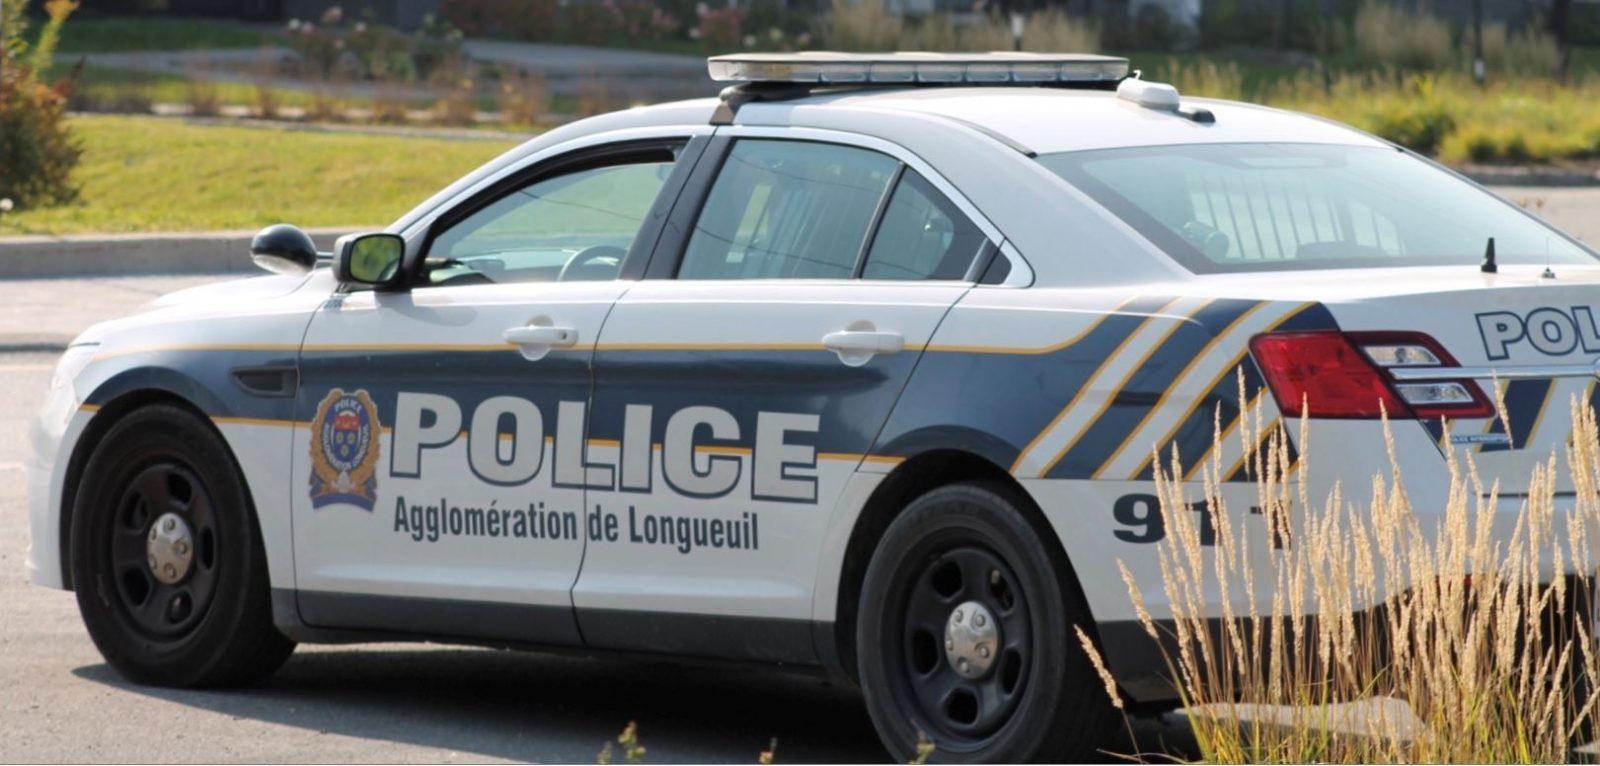 La vigilance de citoyens mène à l'arrestation de trois suspects à Boucherville